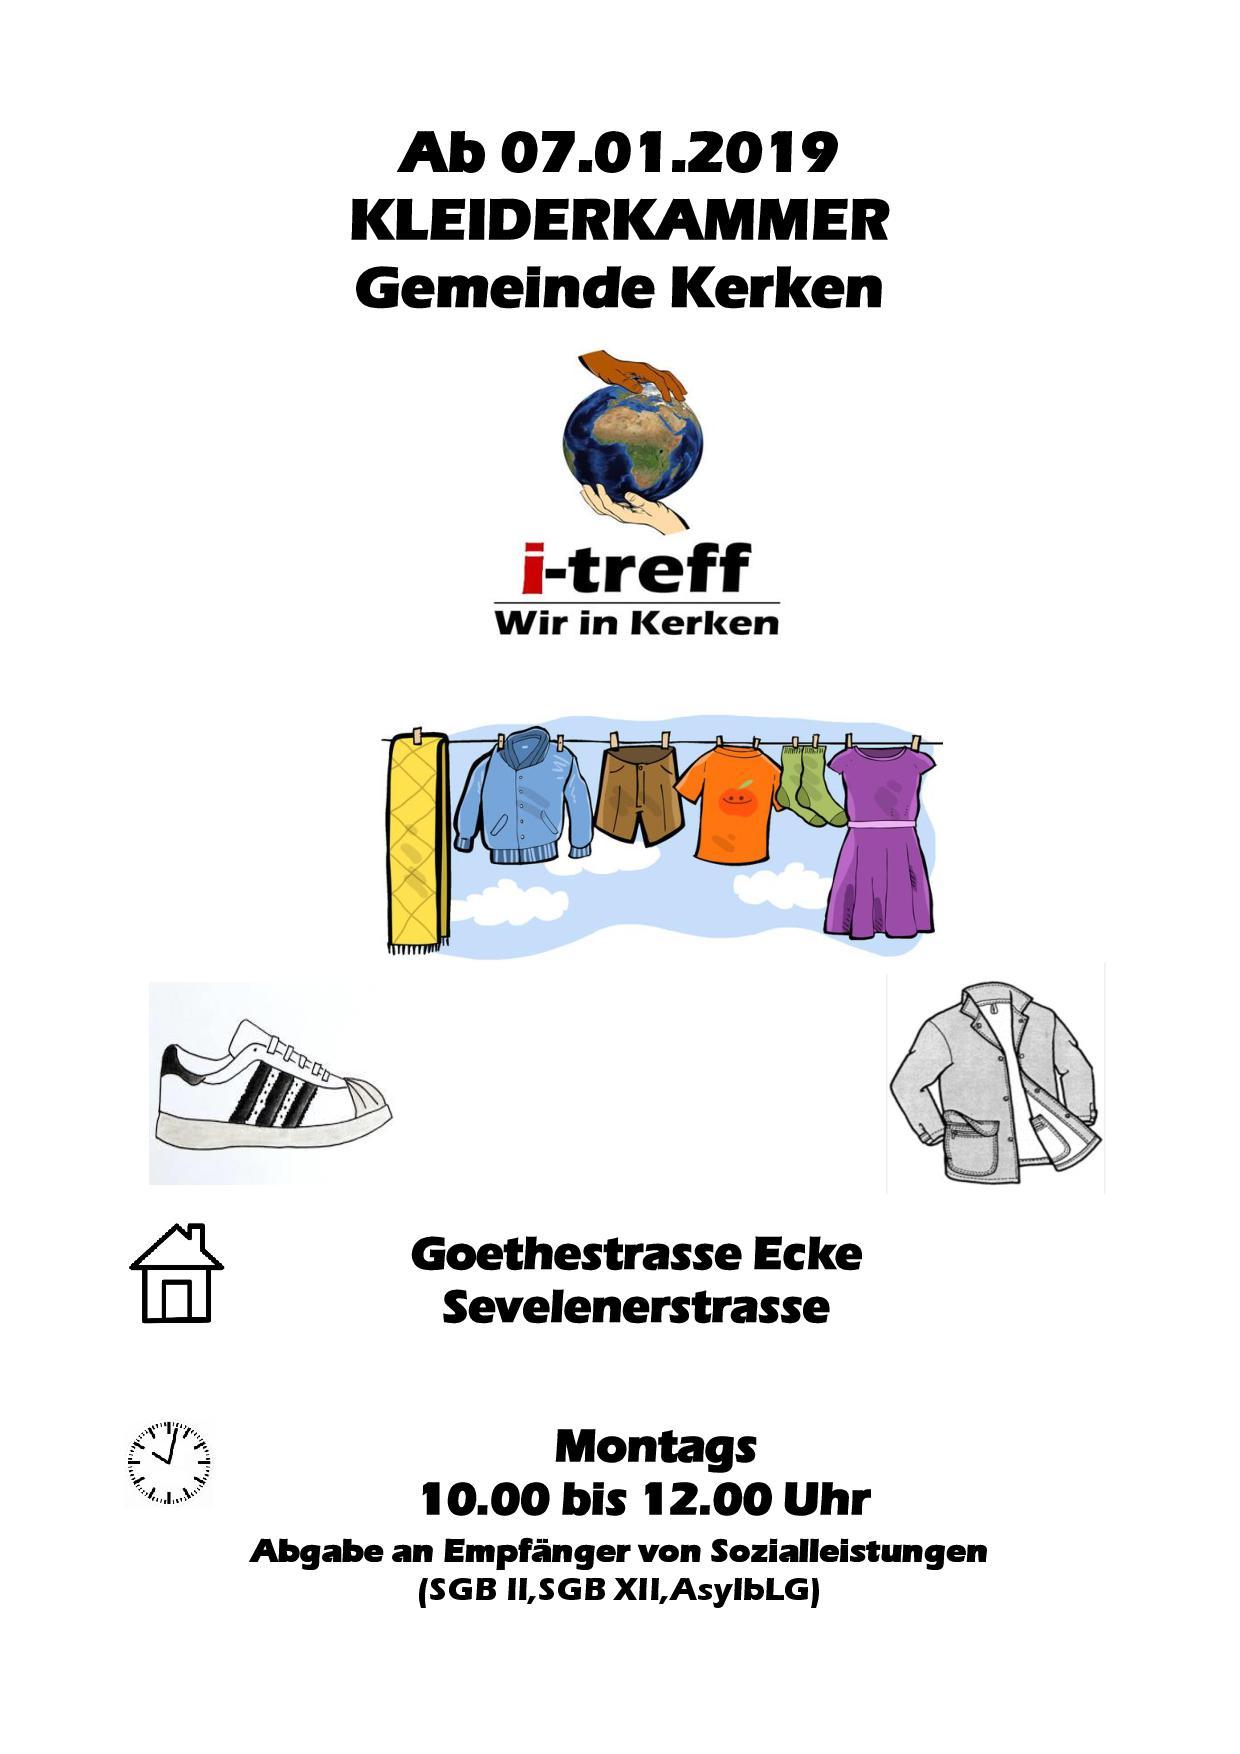 C Users hueskenxp Desktop Flyer Kleiderkammer